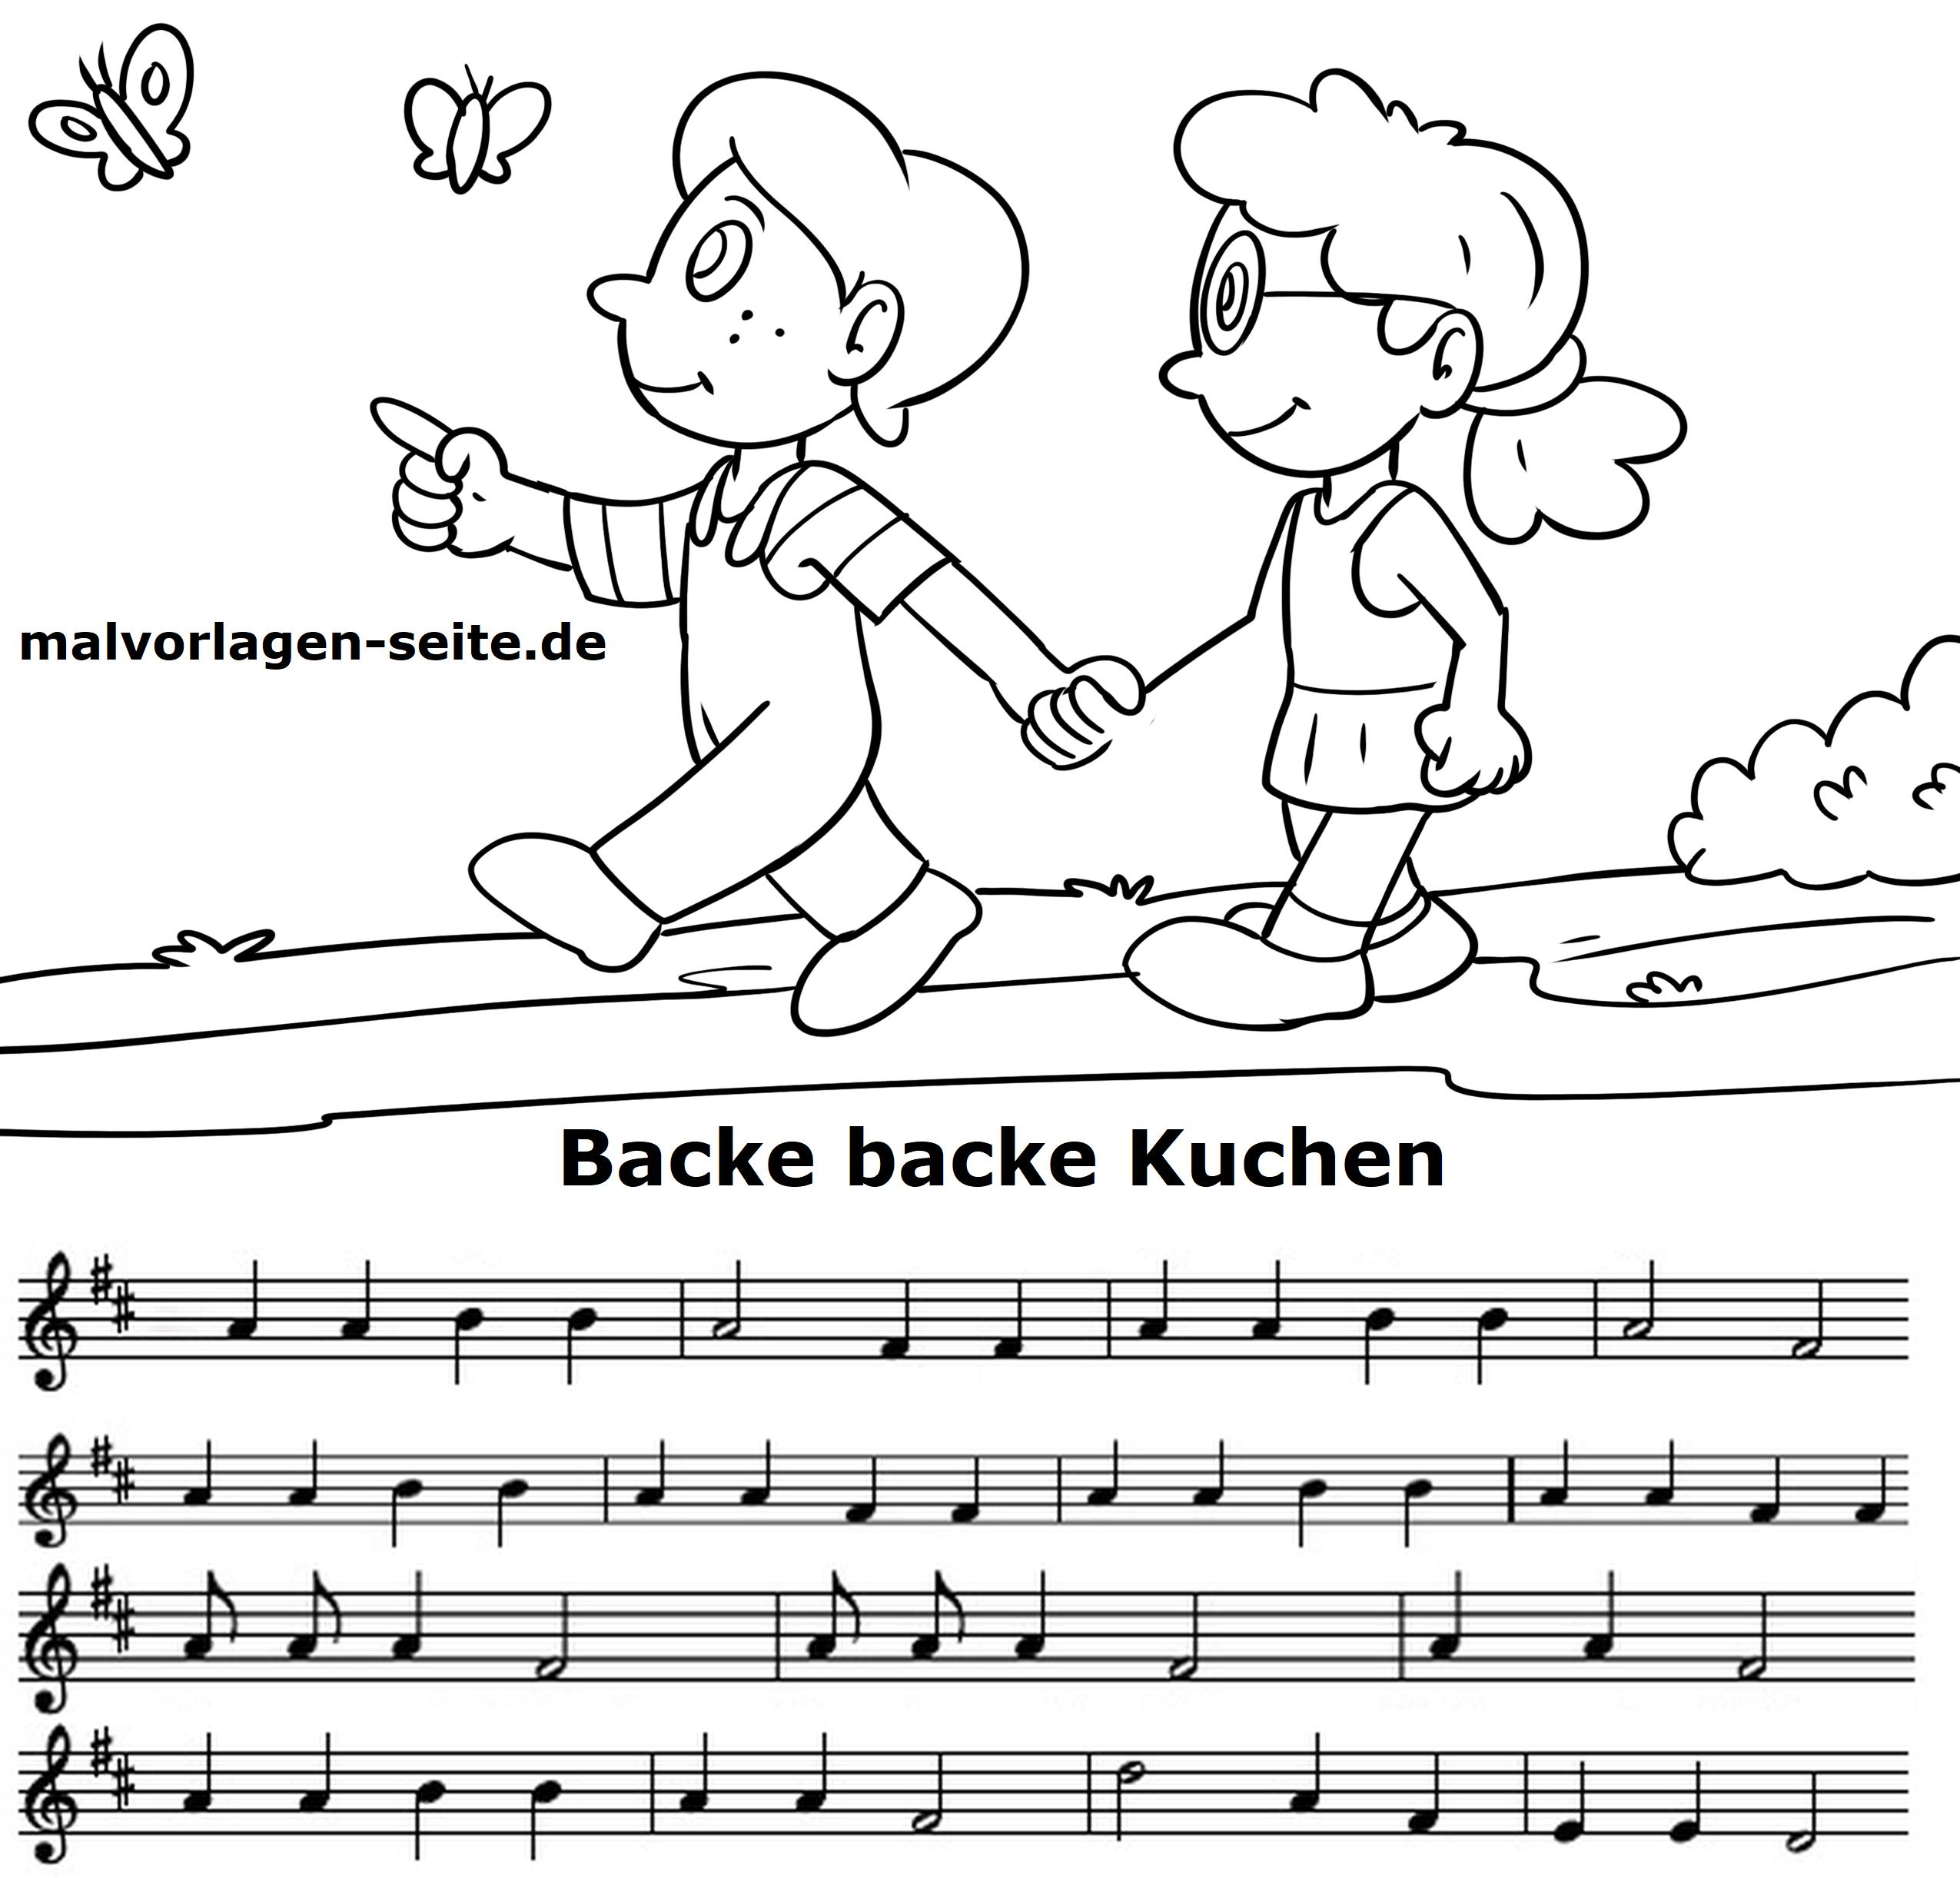 Backe Backe Kuchen Noten Und Text Gratis Malvorlagen Zum Download